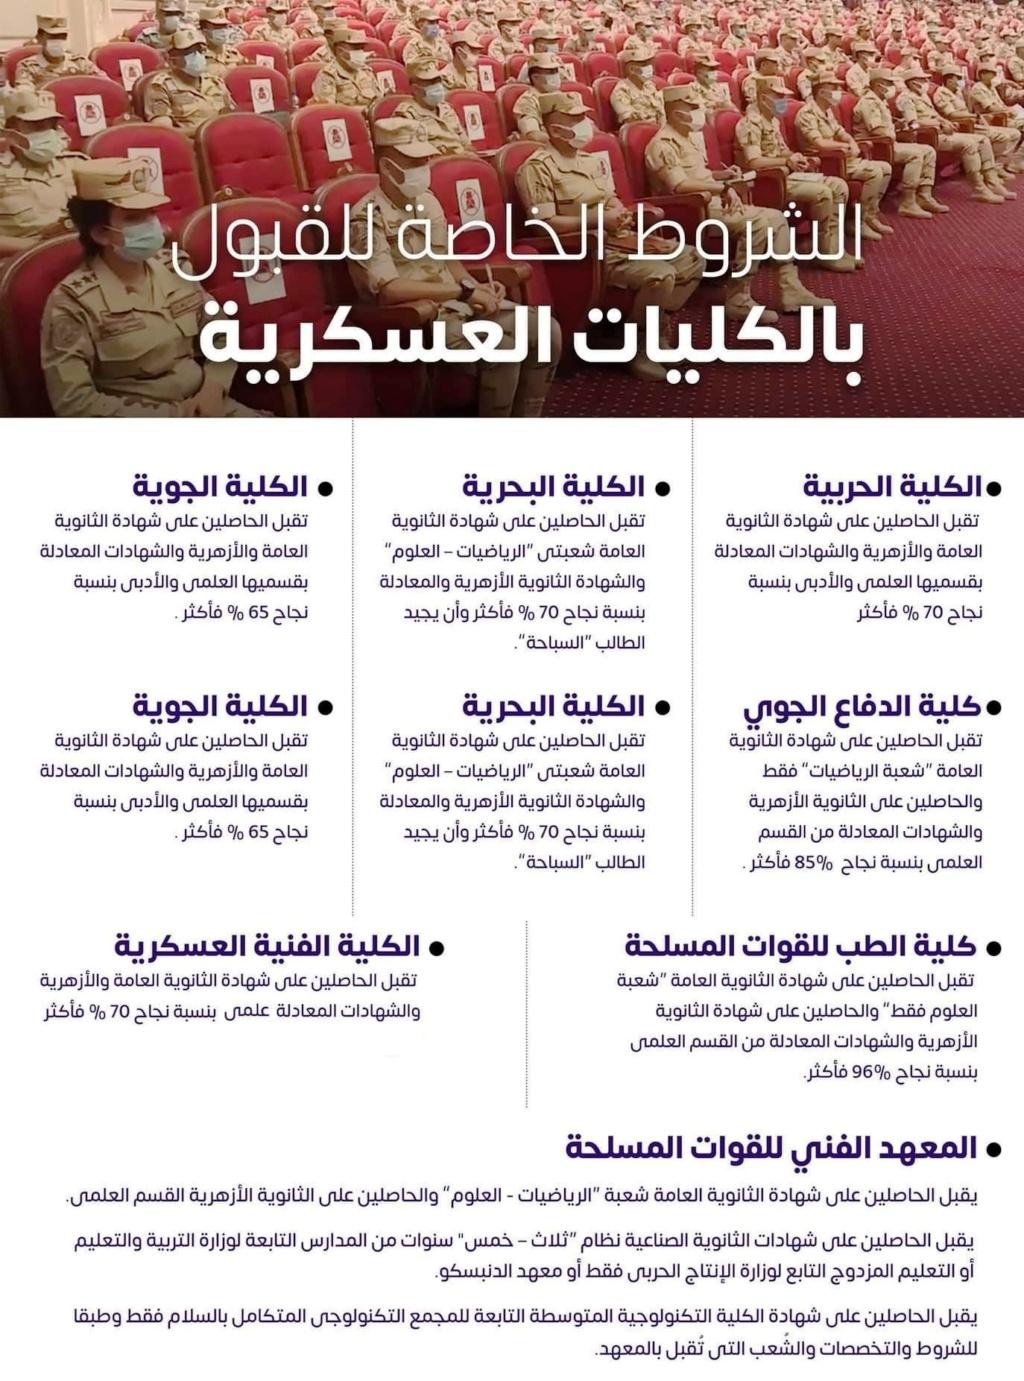 لطلاب ثانوية عامة.. تنسيق وشروط القبول بالكليات والمعاهد العسكرية 111183